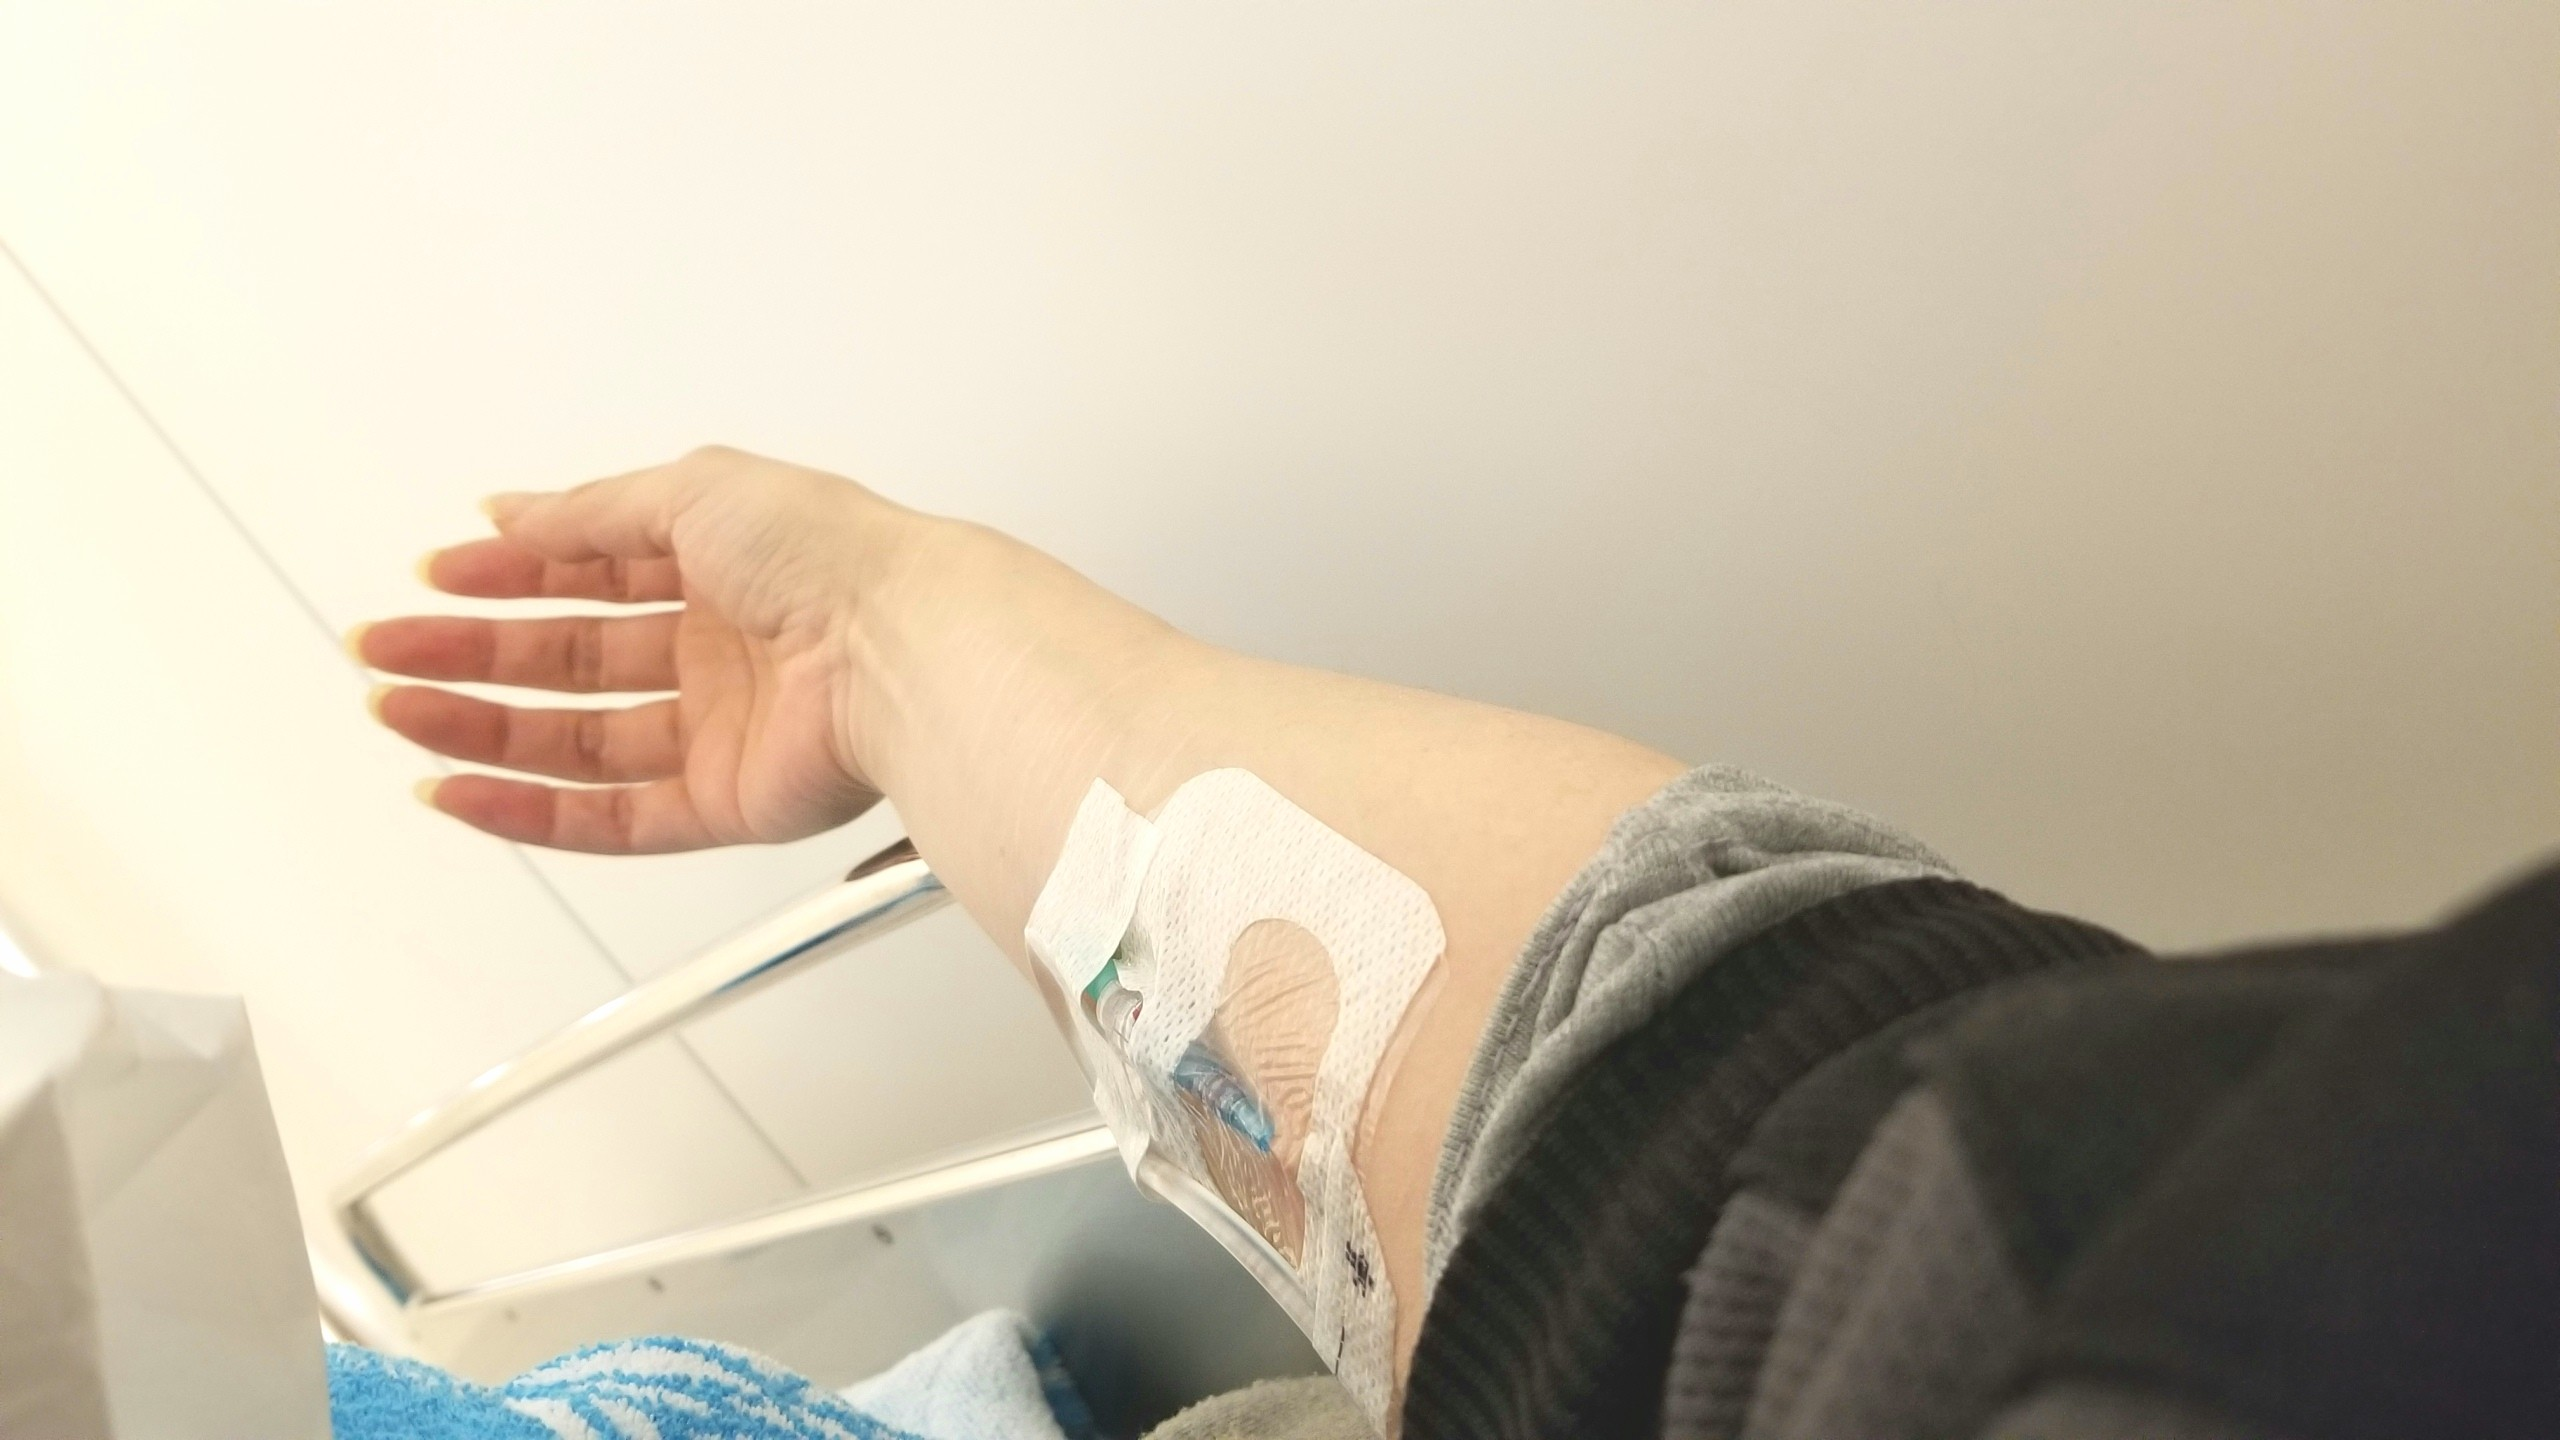 救急病院,線維筋痛症,頚椎後弯症,ひどい吐き気嘔吐,激しい頭痛,点滴